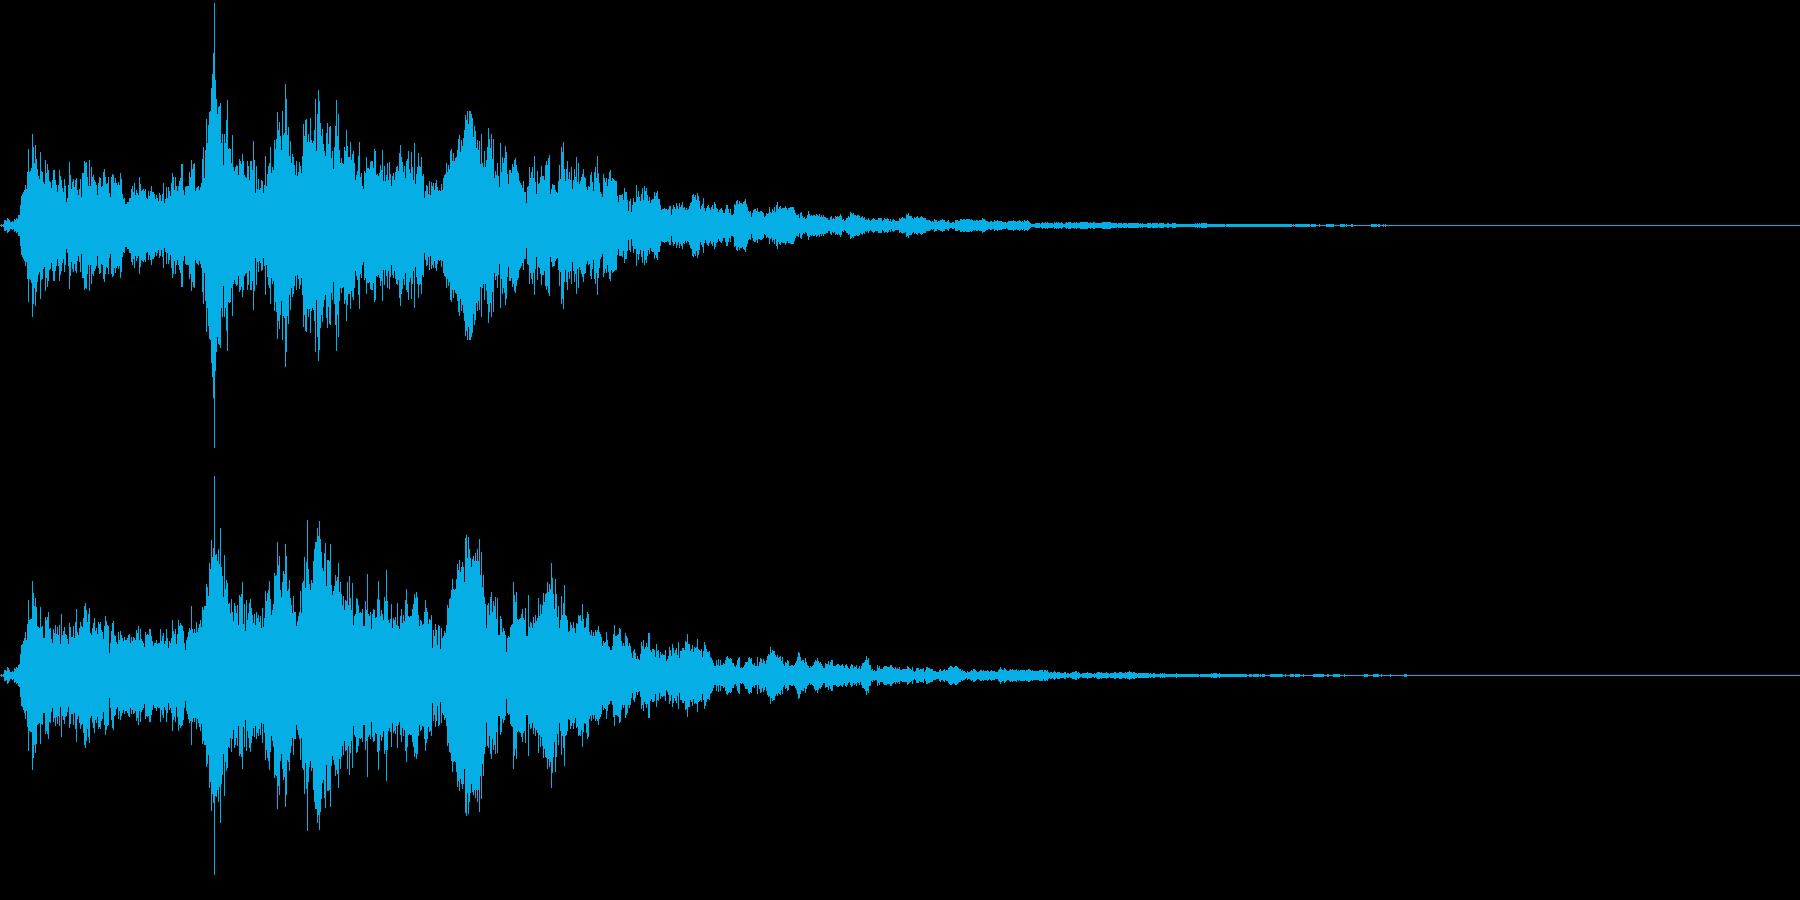 「シャンシャン」象徴的な鈴の音+リバーブの再生済みの波形